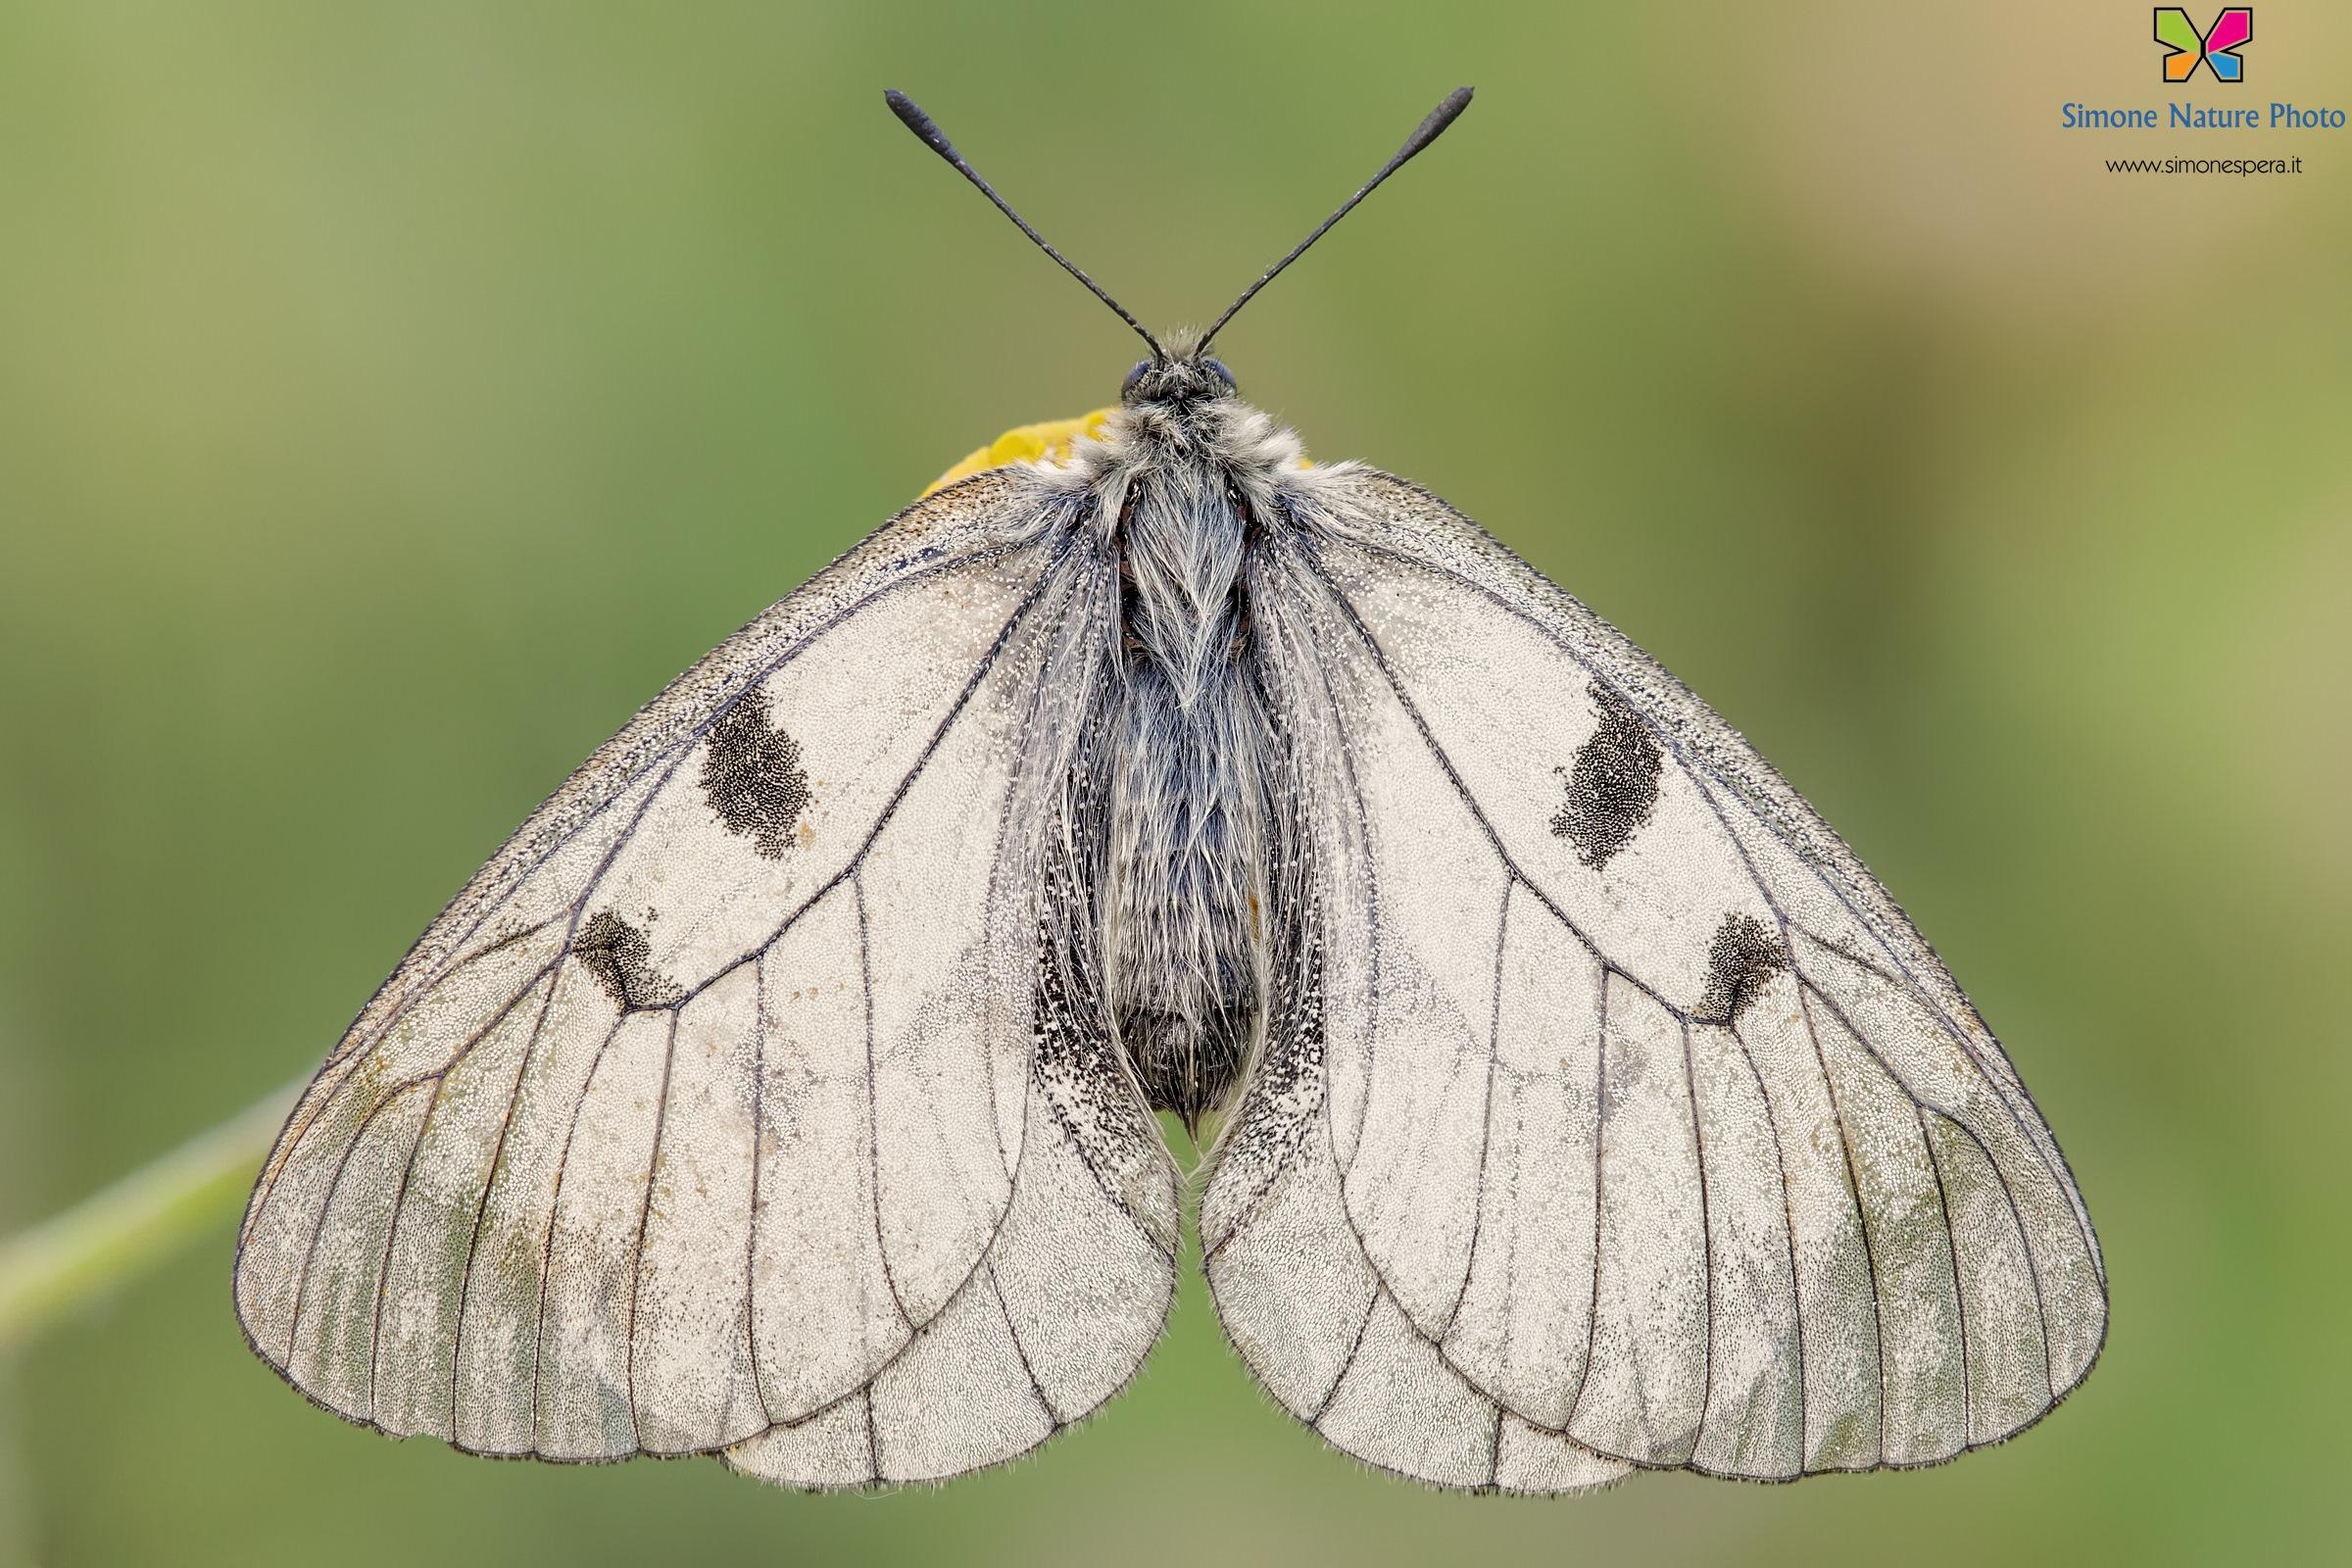 Parnassius (Driopa) mnemosyne (Linnaeus, 1758)